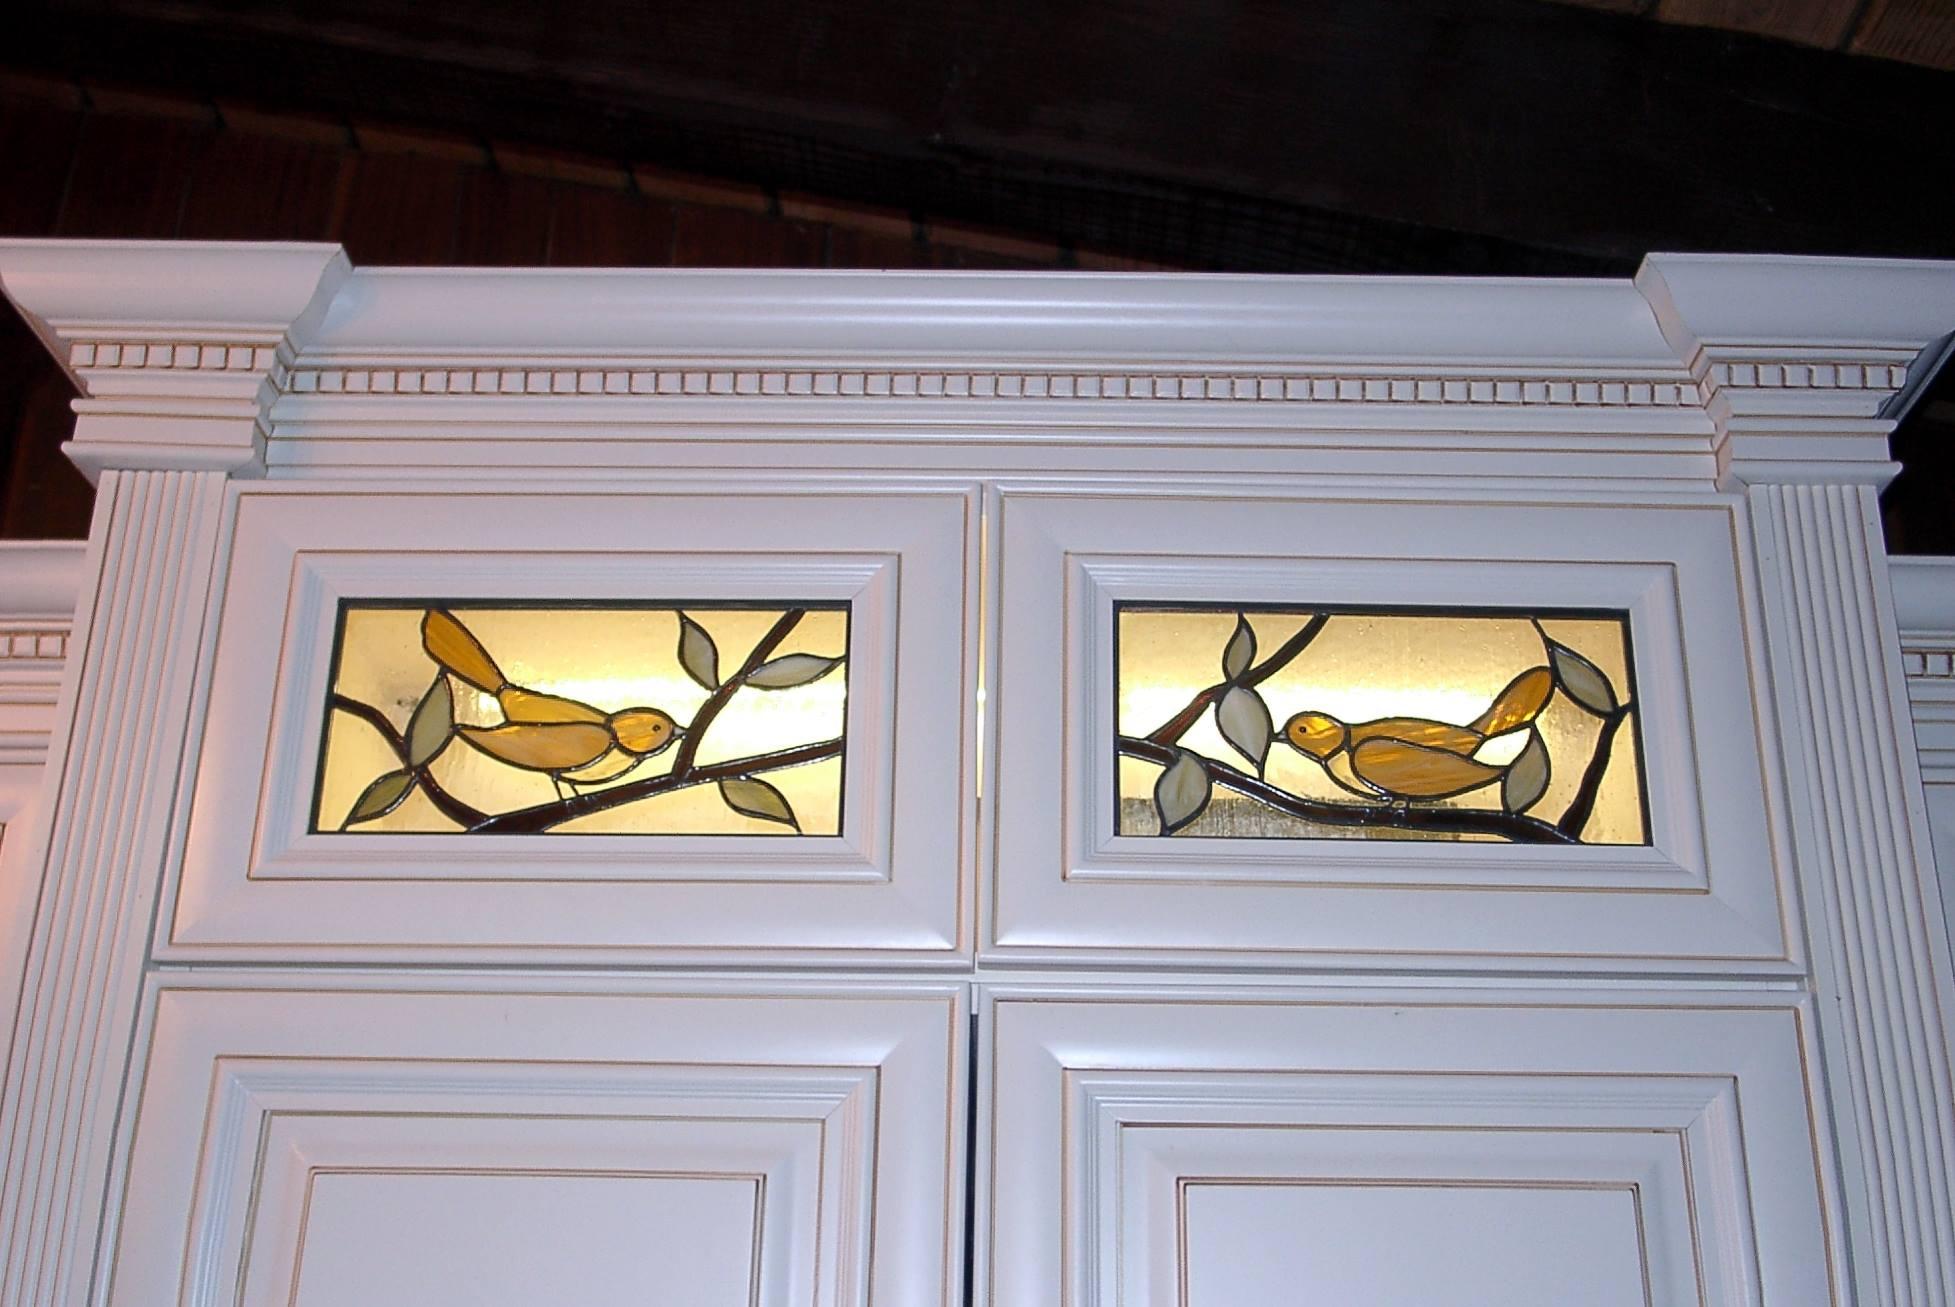 https://0201.nccdn.net/1_2/000/000/0d3/7a4/Cabinets_Palos-Hills-1955x1307.jpg